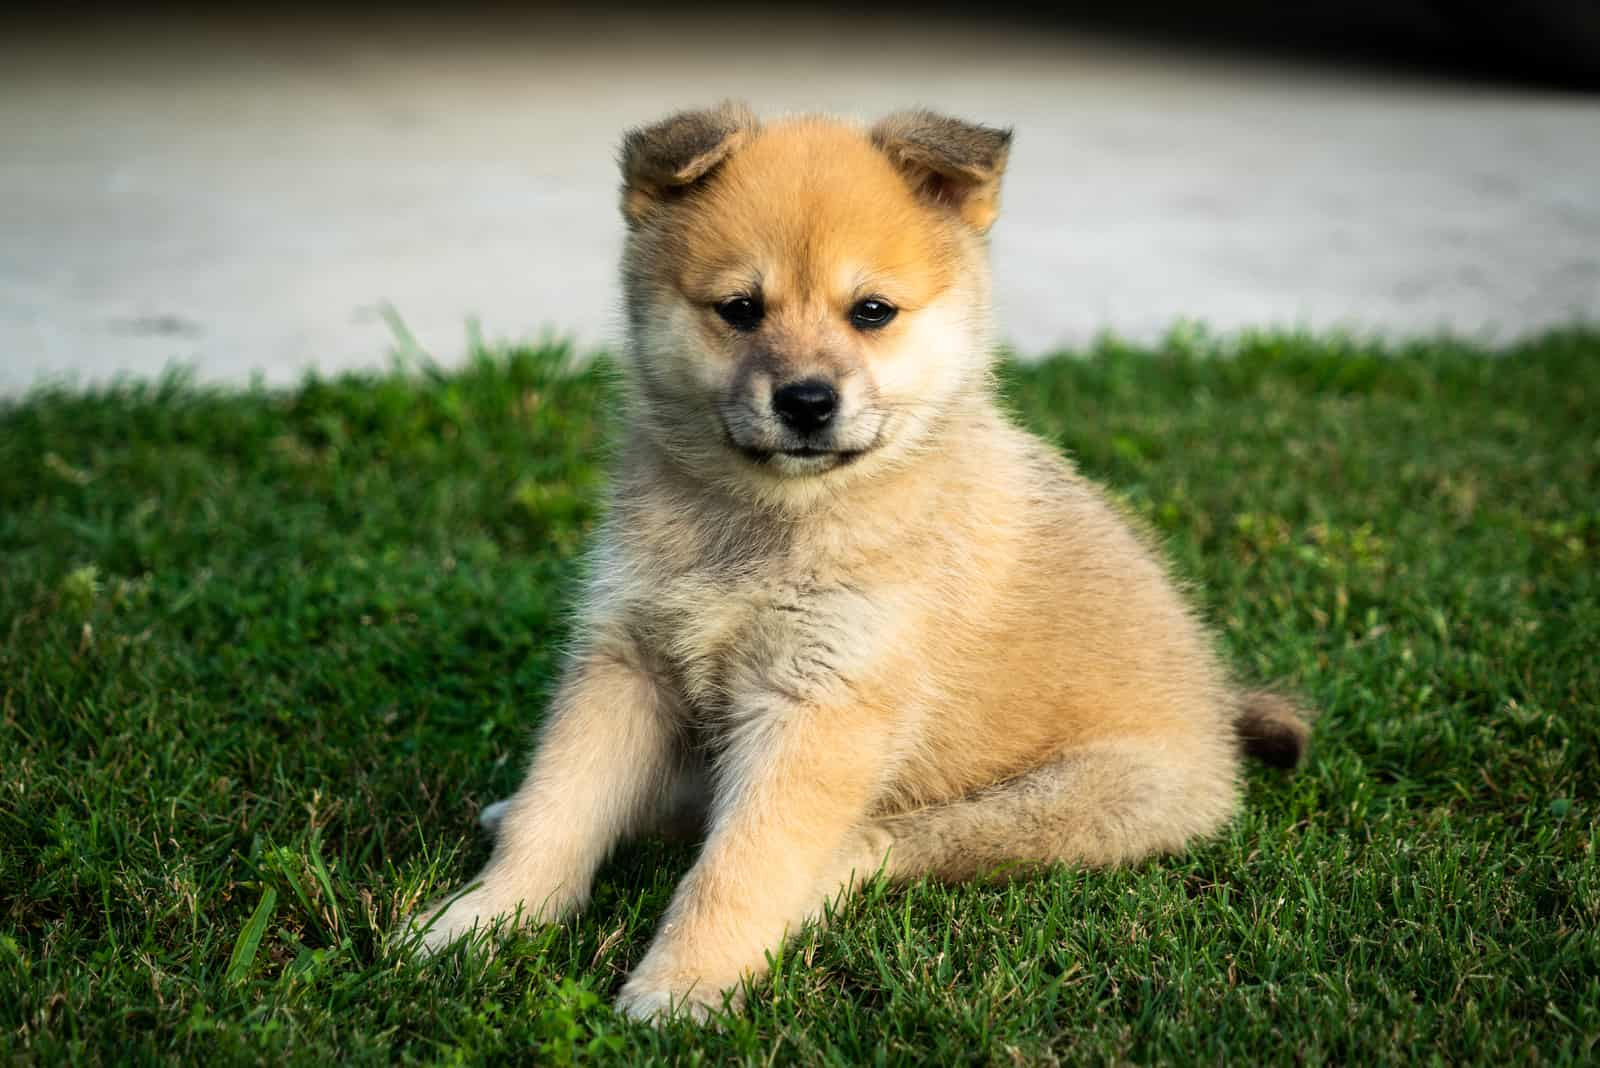 pomsky puppy sitting on the grass